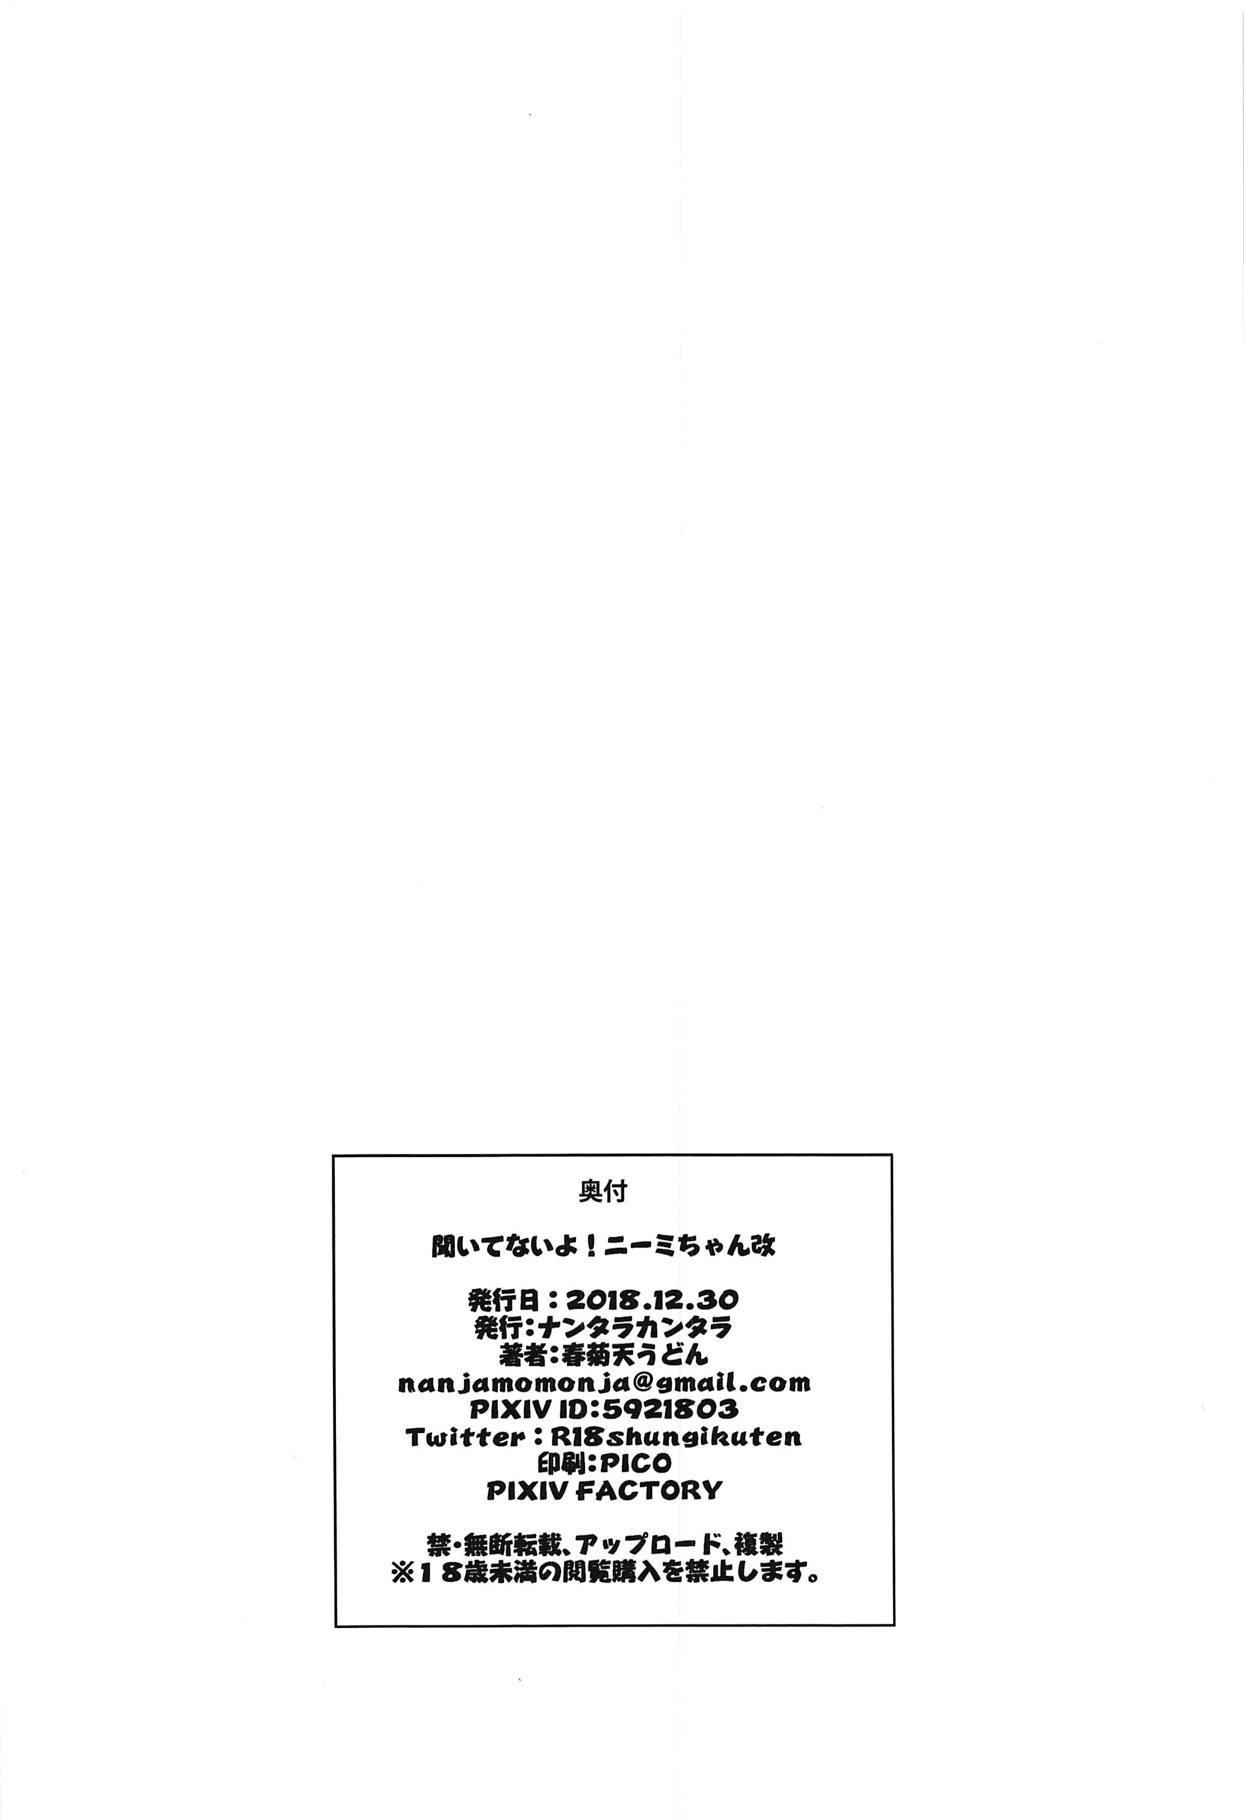 Kiitenai yo! Niimi-chan Kai 20